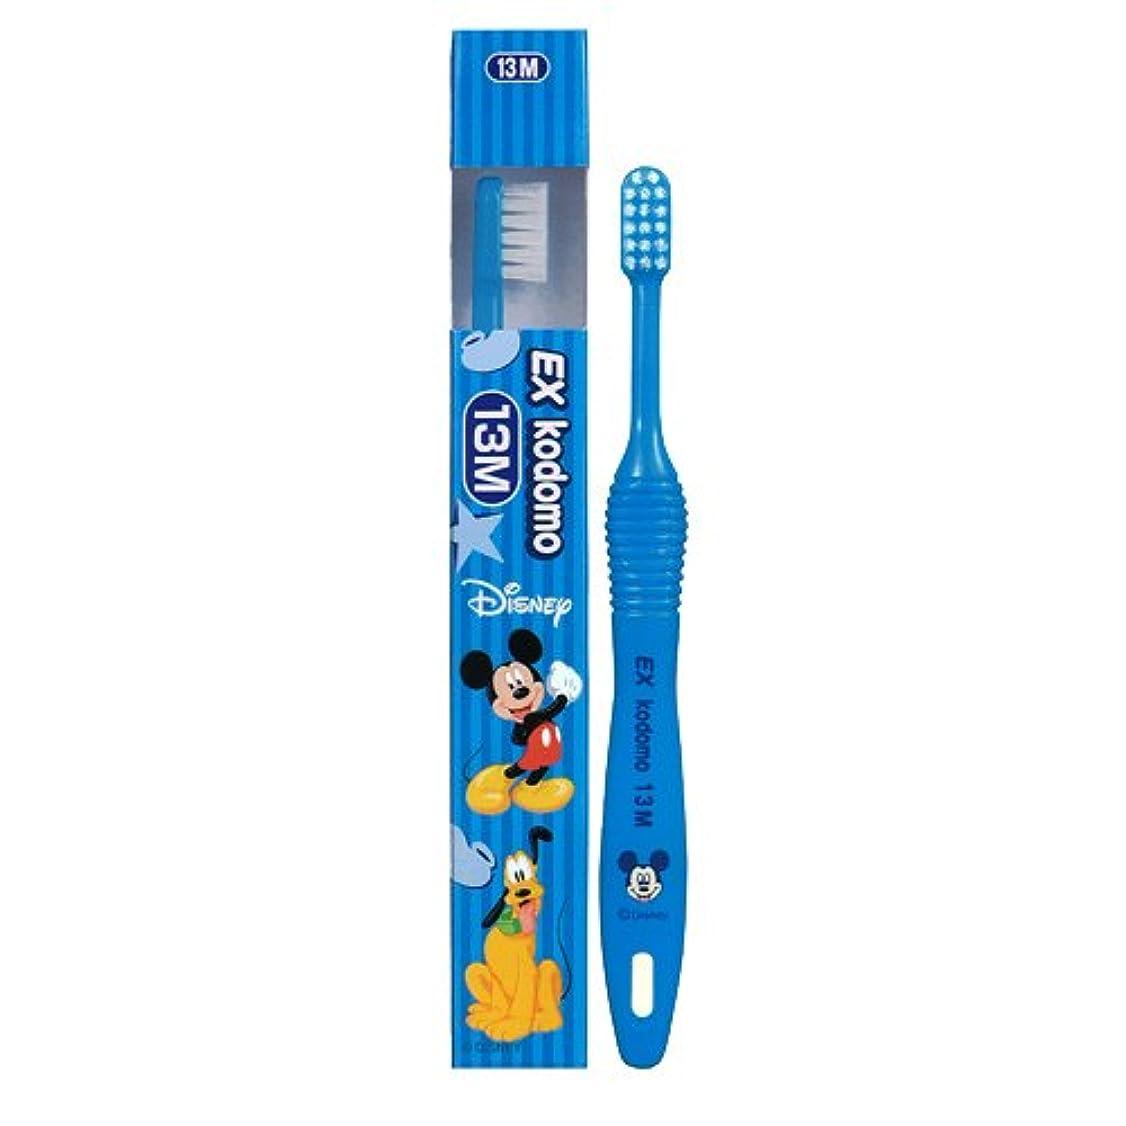 セージ海軍統治可能EX kodomo ディズニー 歯ブラシ 13(乳幼児用?0~6歳)M 4本入り